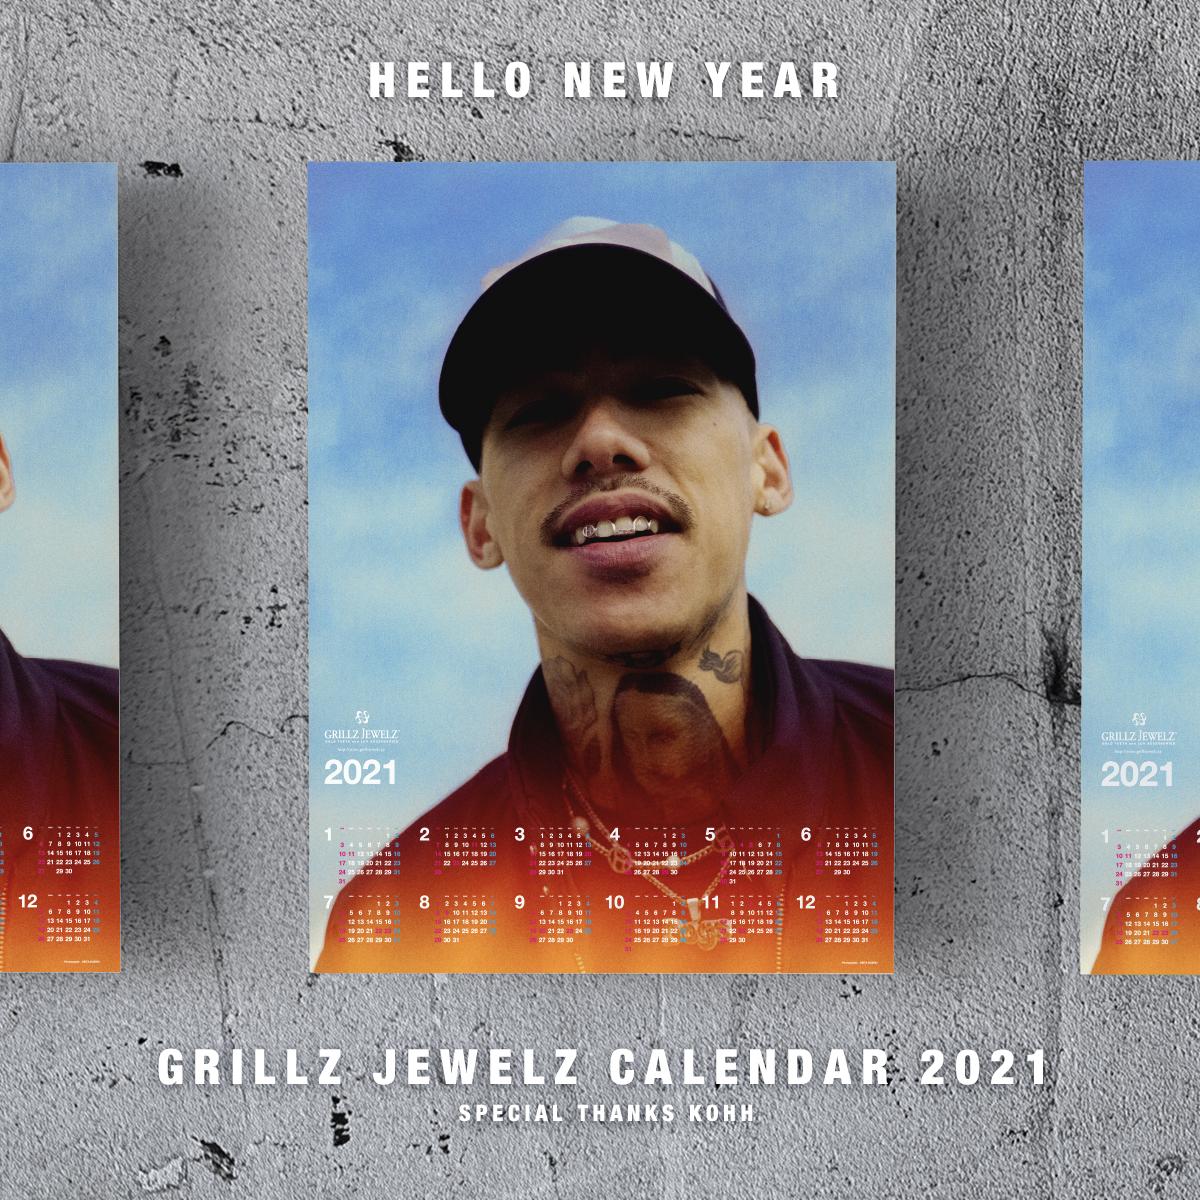 GRILLZ JEWELZ CALENDAR 2021